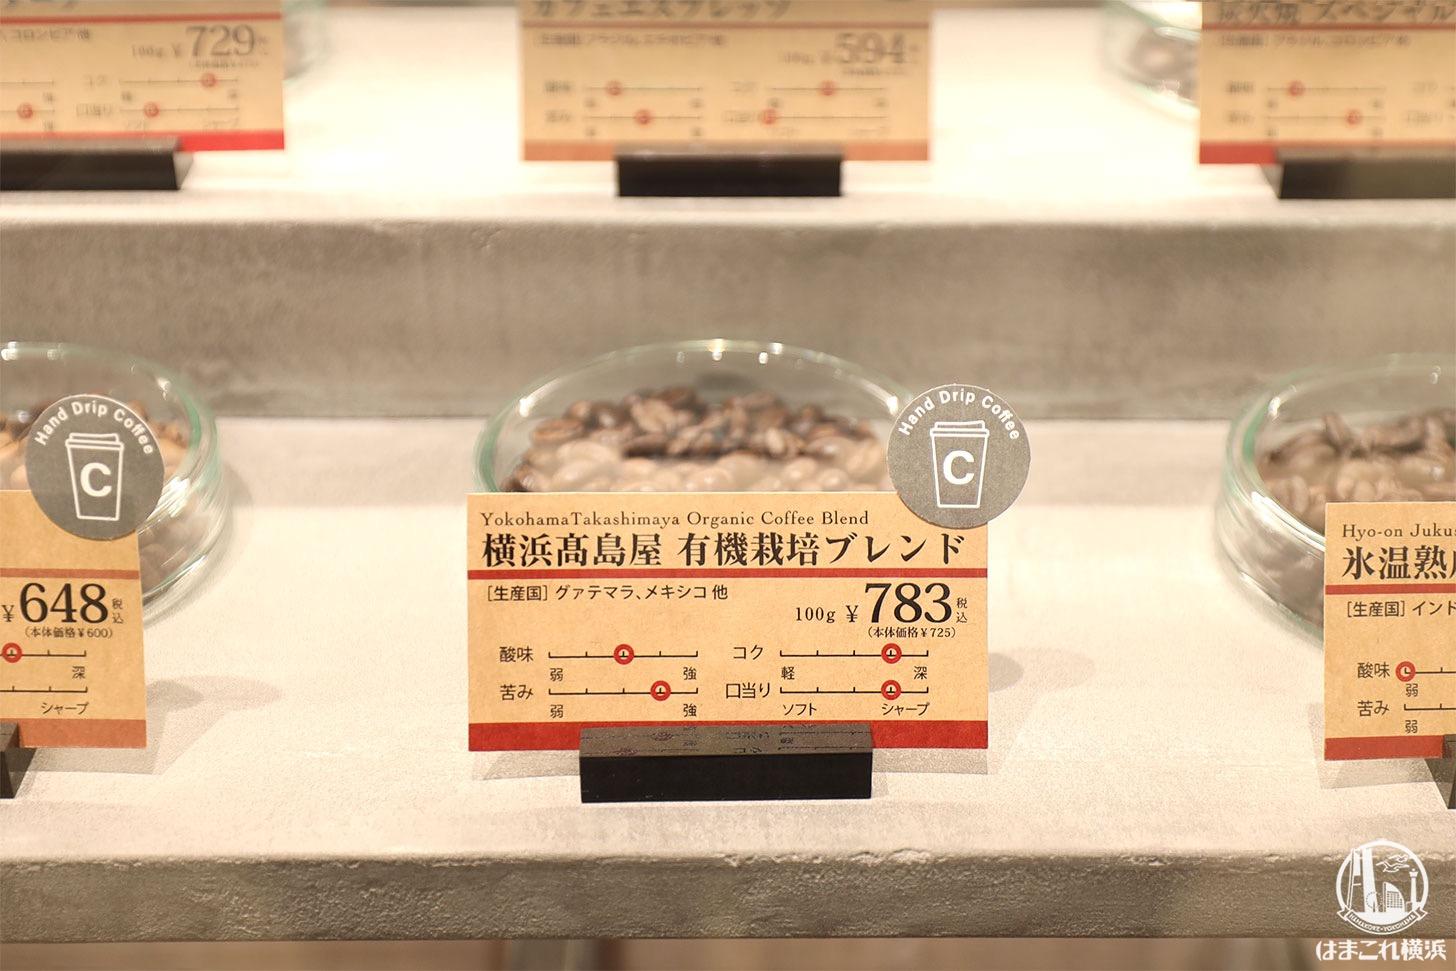 横浜高島屋ブレンド